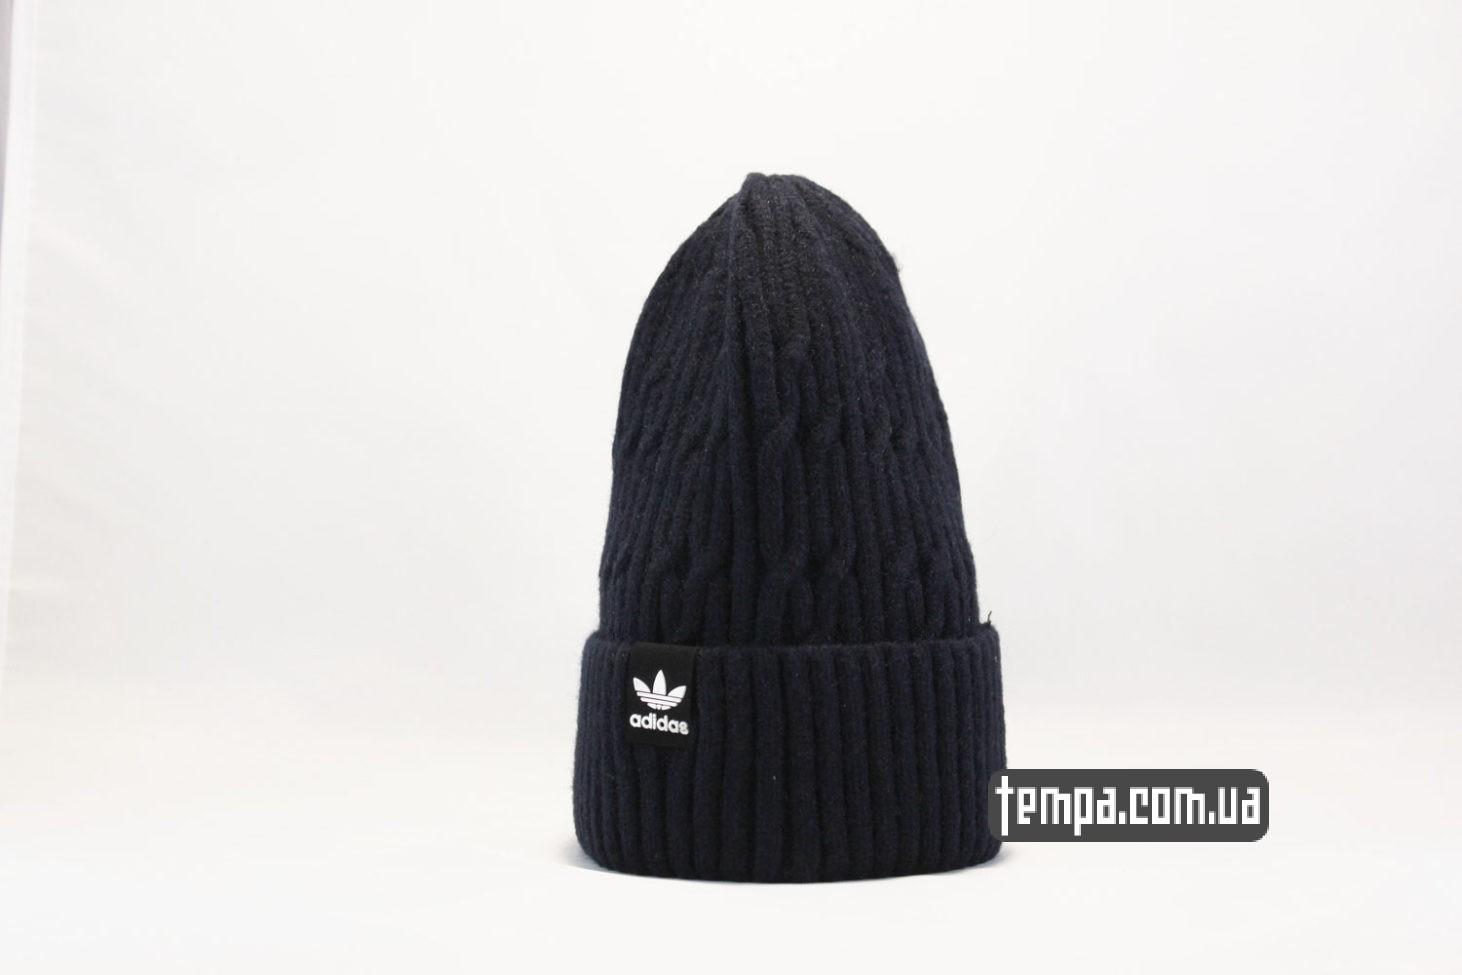 мужские зимние шапка beanie adidas originals синяя бини купить